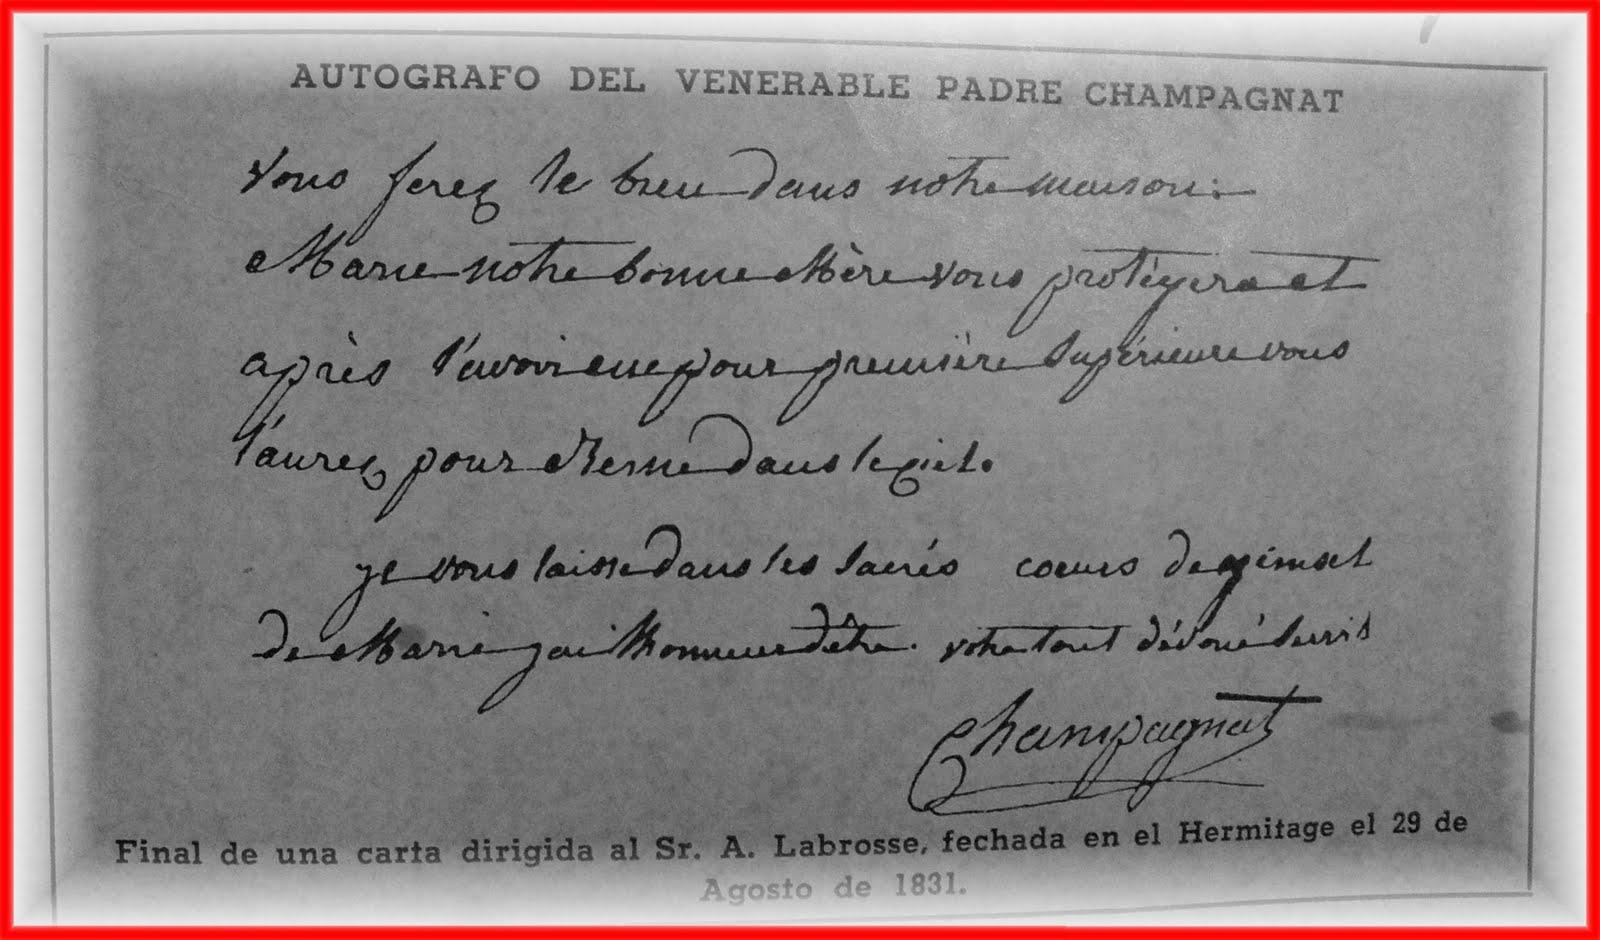 Final de una carta del Padre Marcelino Champagnat dirigida al Sr. A. Labrosse